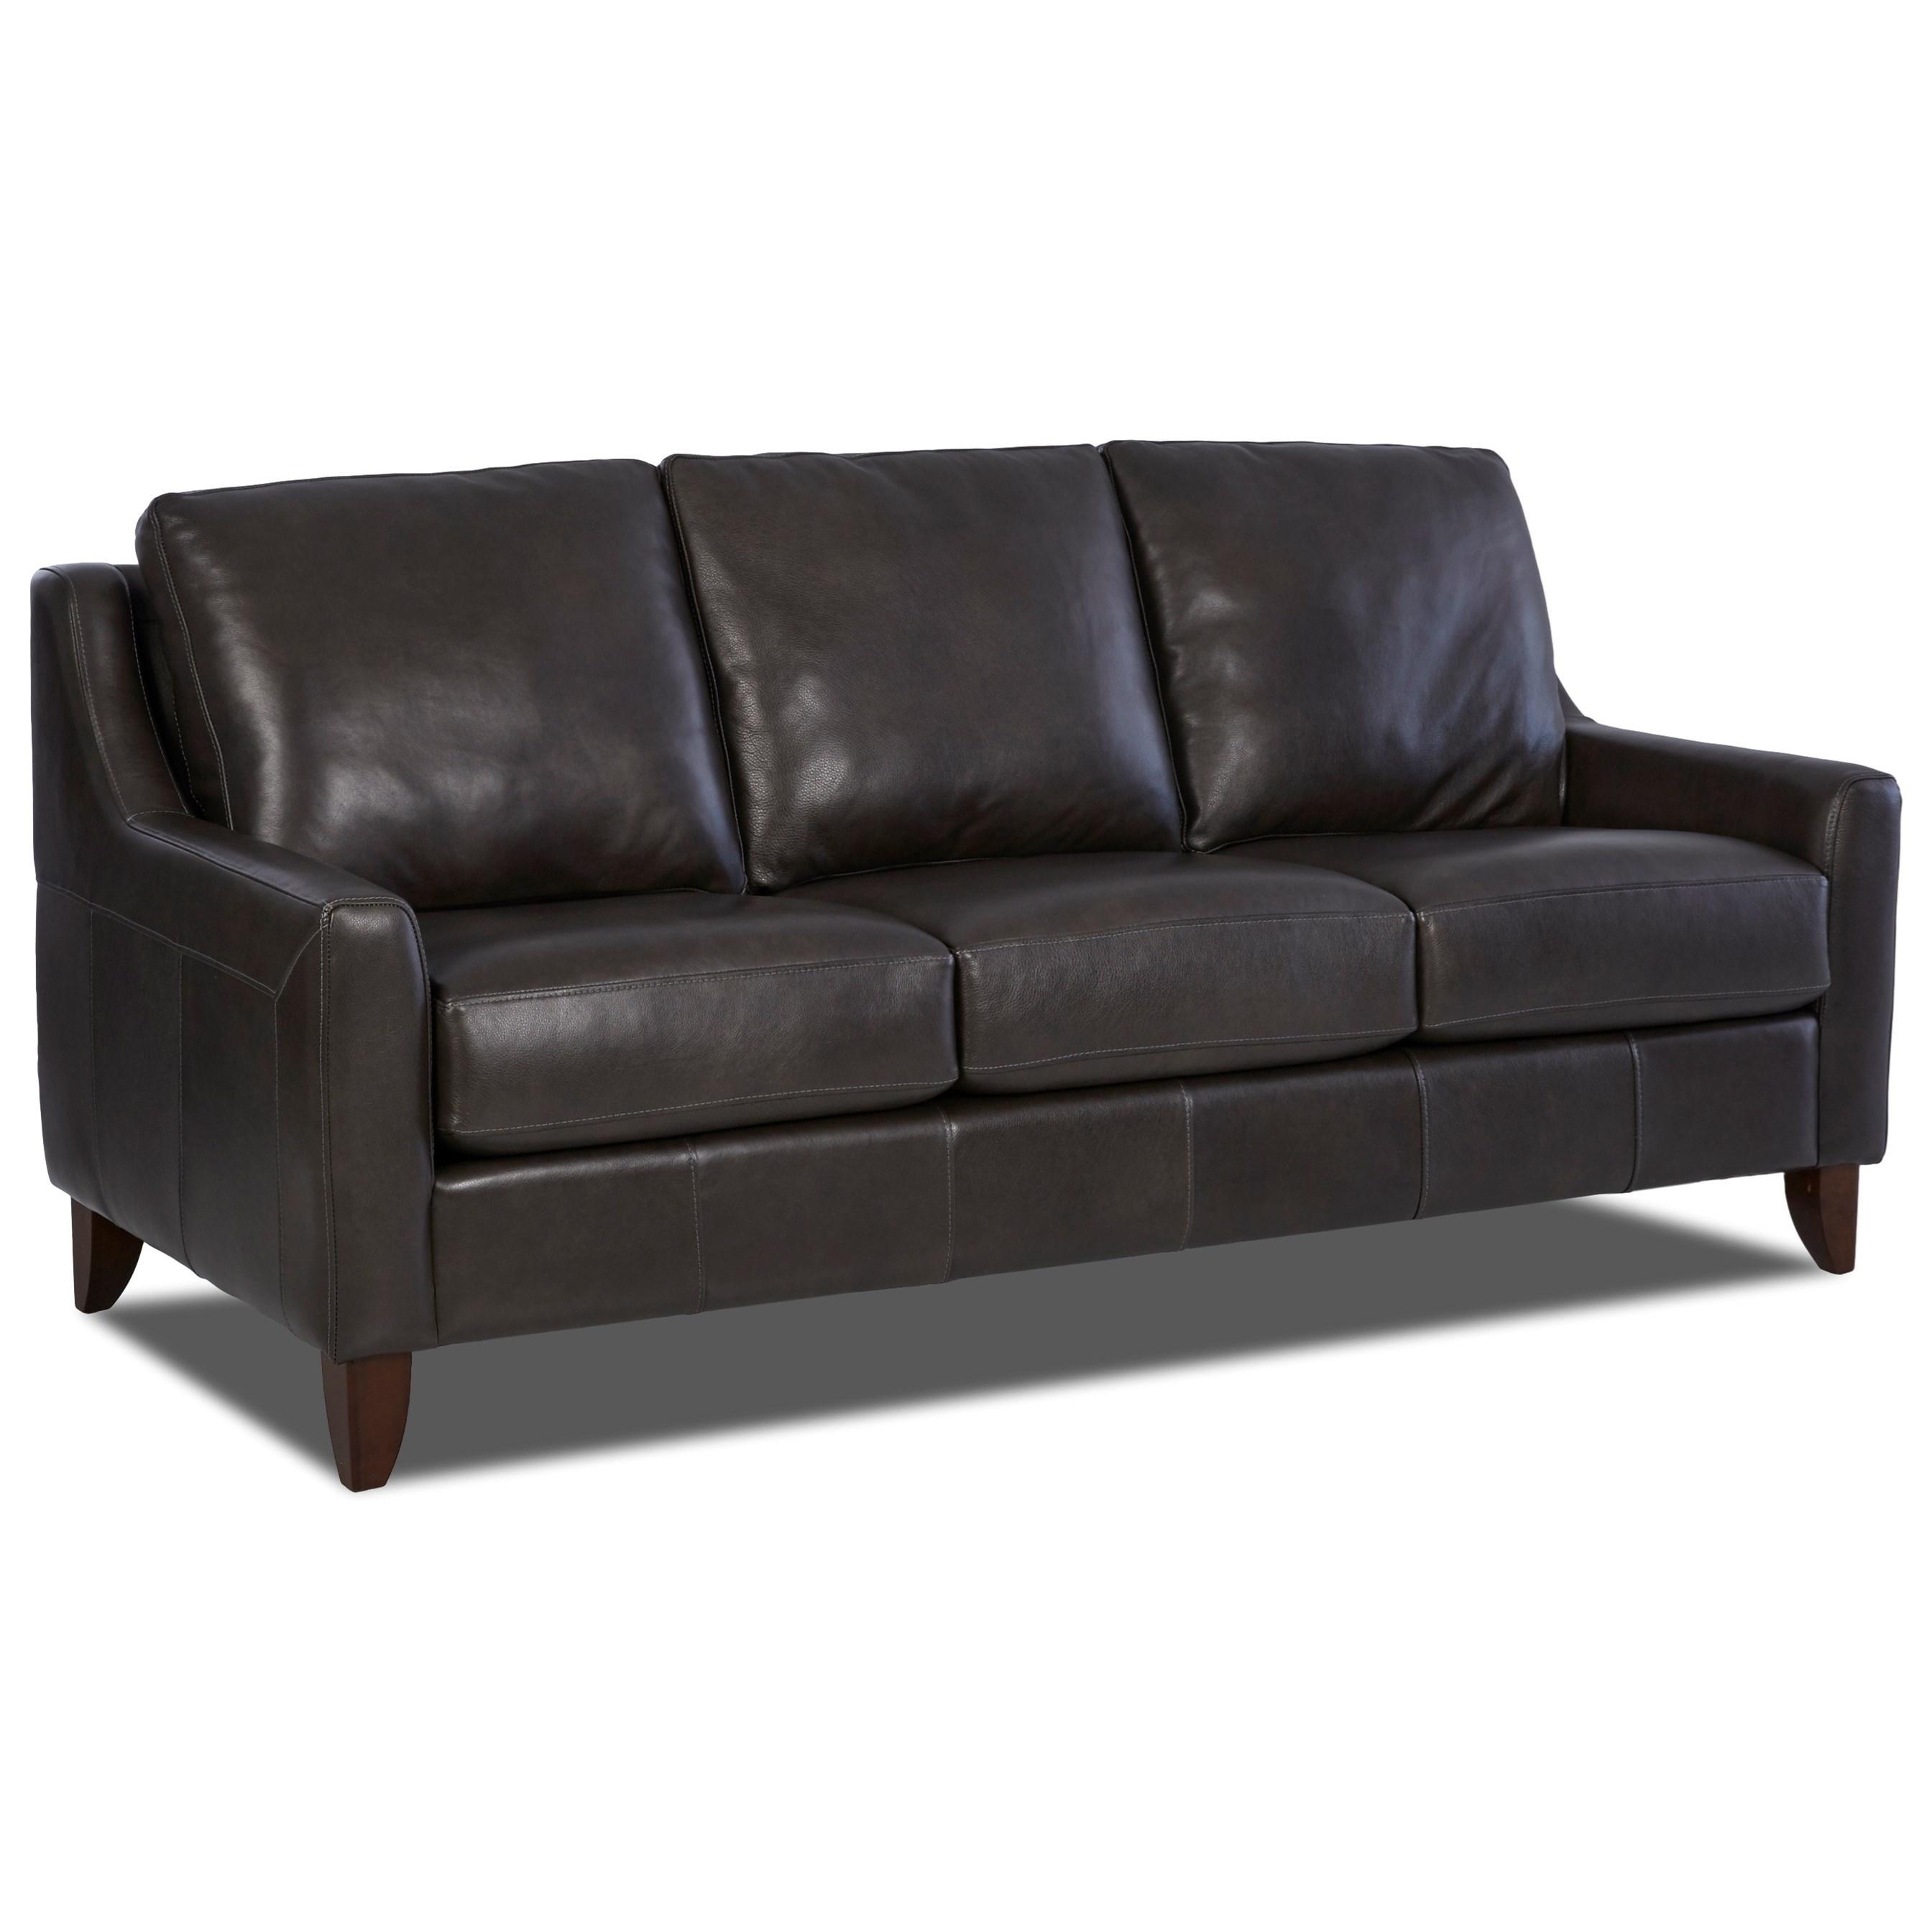 Metropia Bryan Leather Sofa Ruby Gordon Furniture Mattresses Sofas